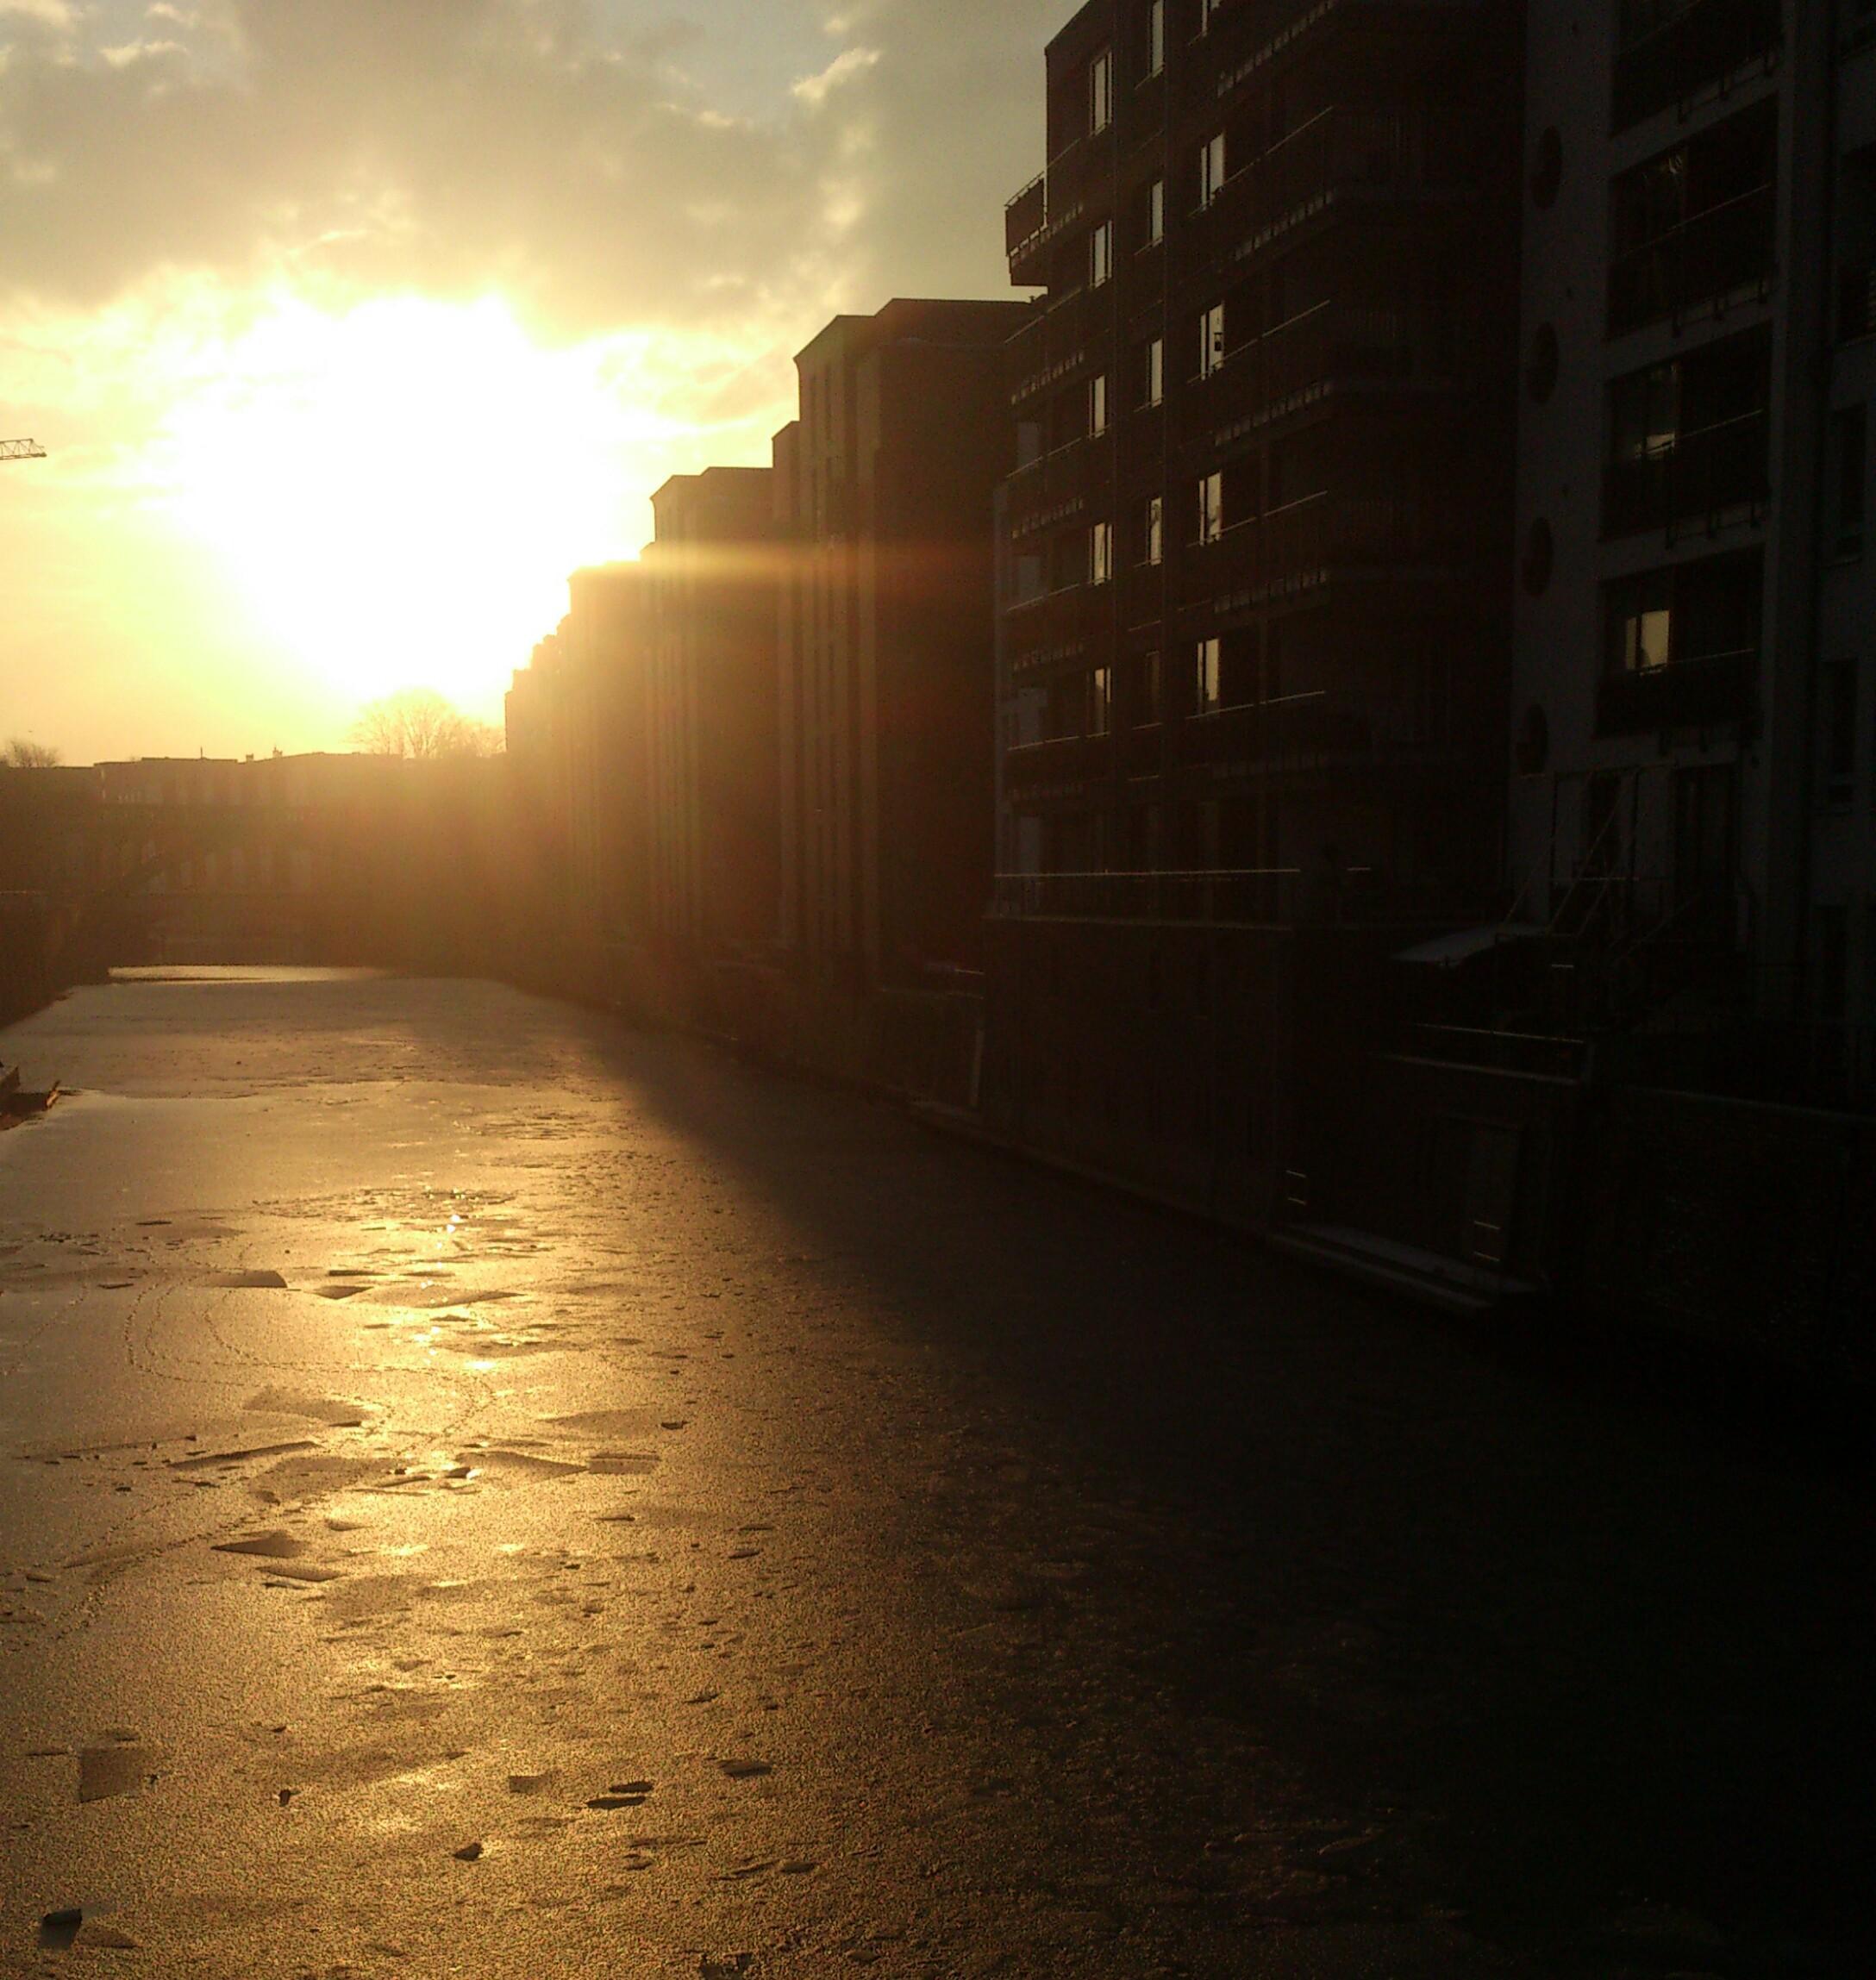 Eis gibt es im Winter eben manchmal nicht am, aber dafür mit Stil. Bei Sonnenaufgang am Osterbekkanal #ungerührtdemWintertrotzen